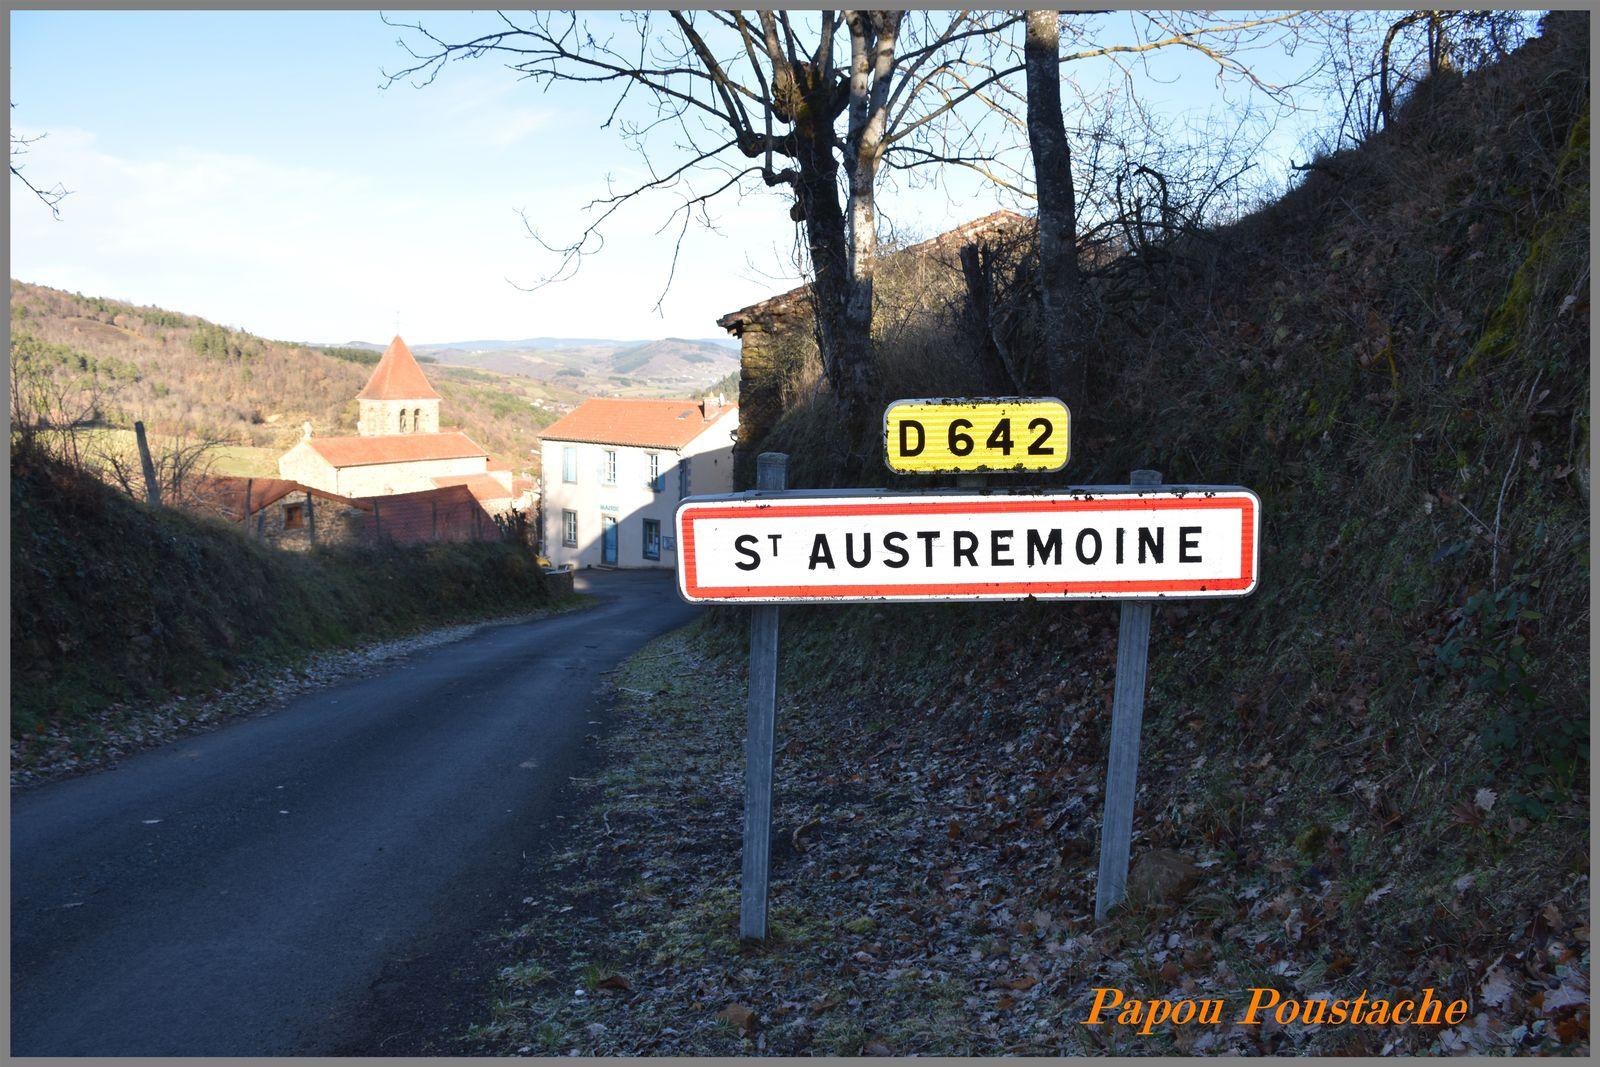 Saint Austremoine